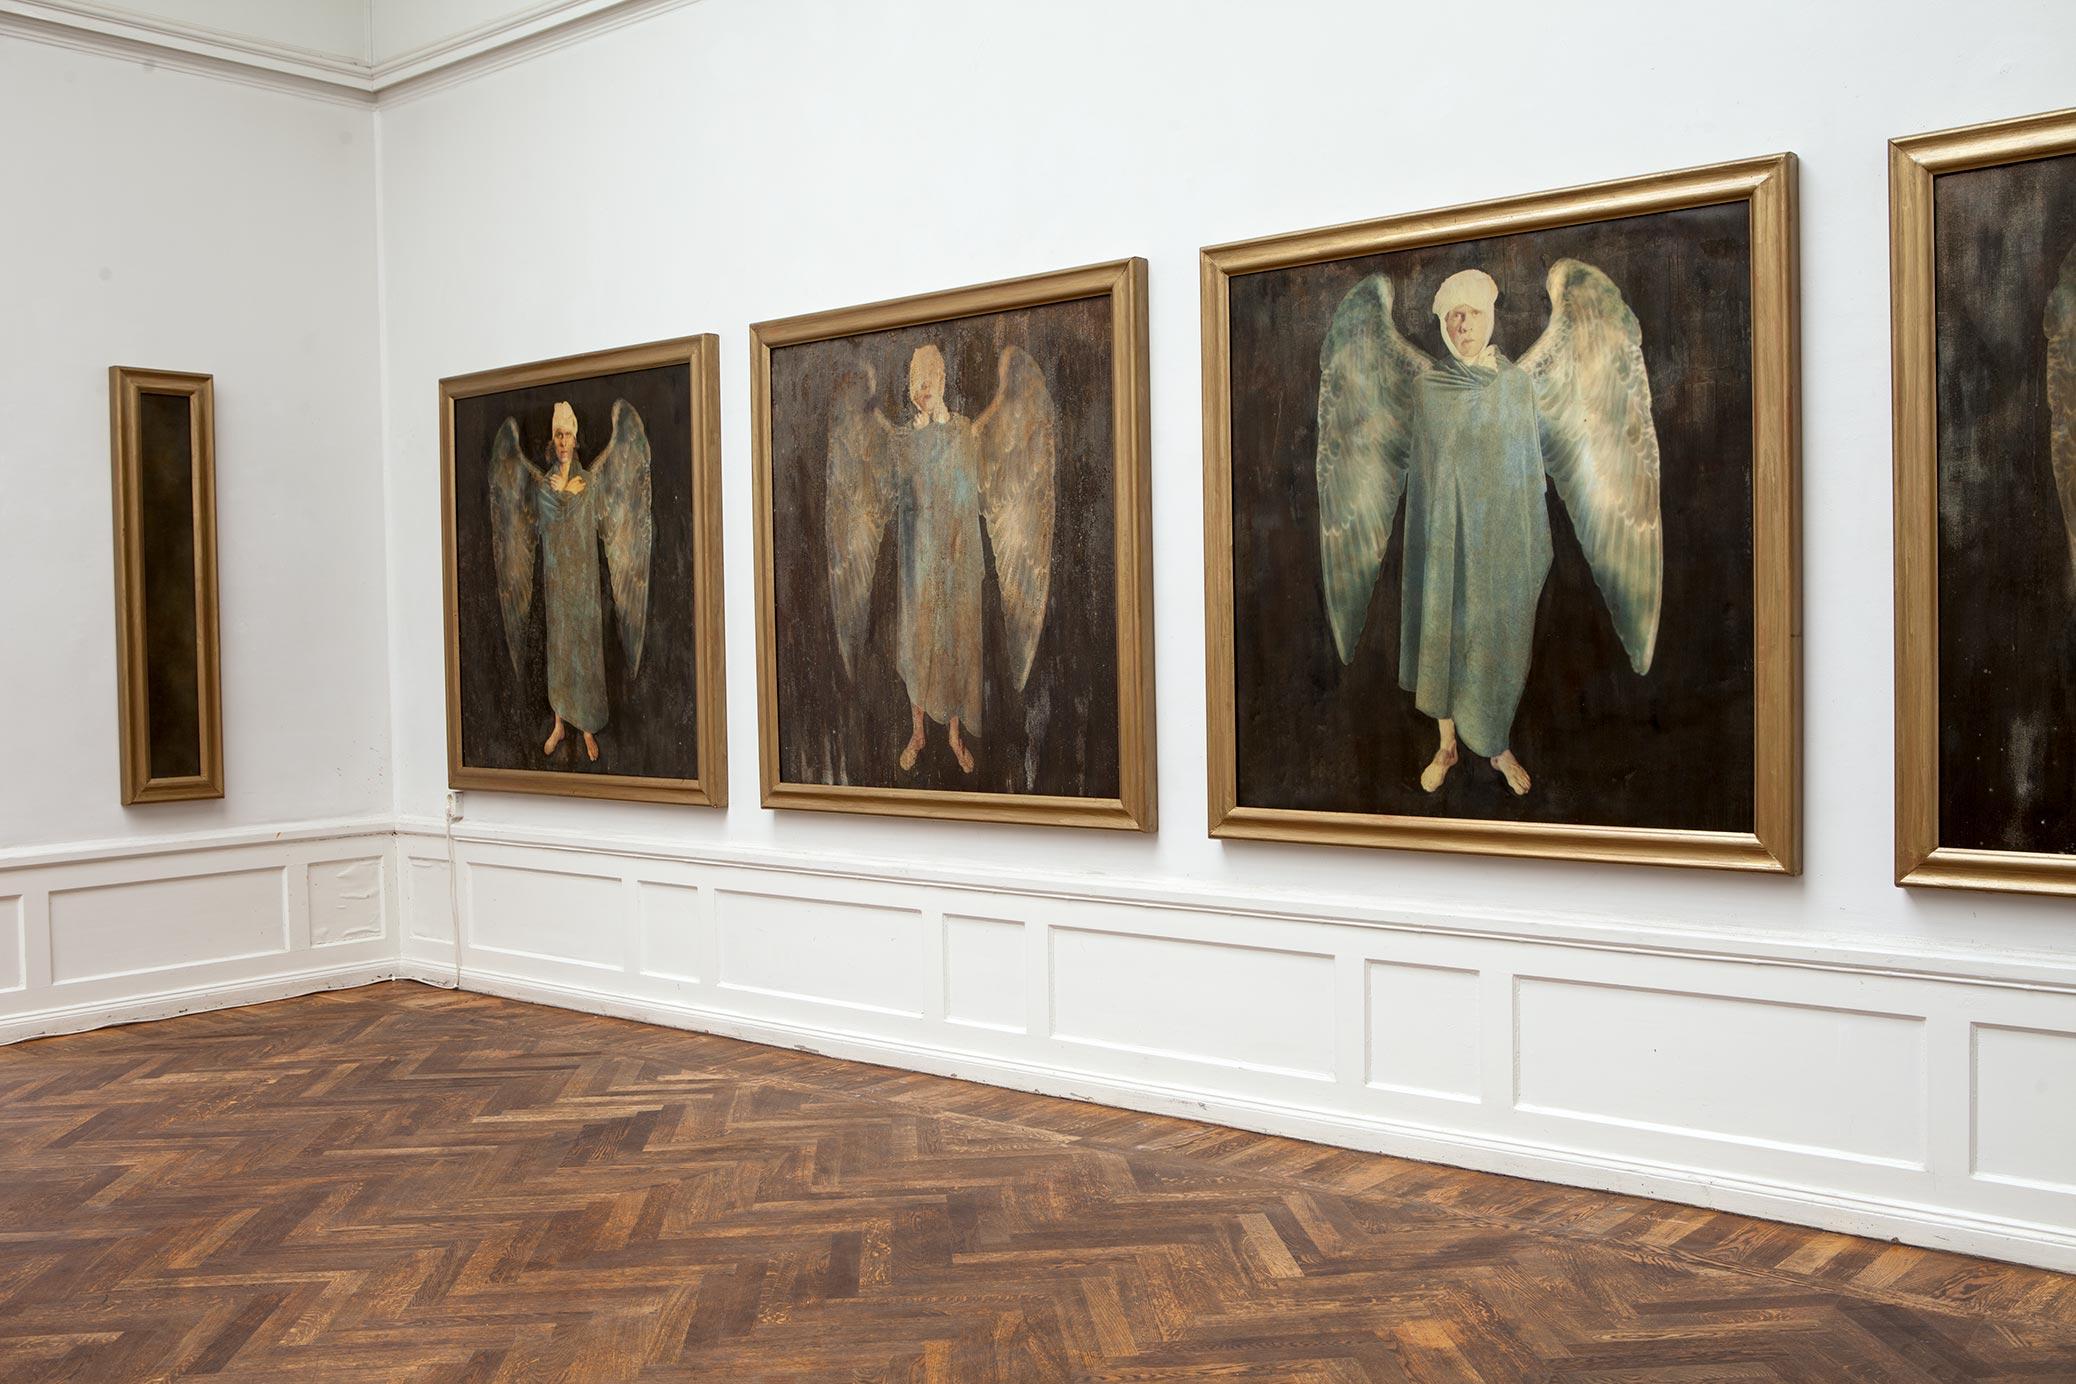 I huvudet på Björn Perborg, utställning på Konstnärshuset. Flygfän, tavlor föreställande skadade änglar.